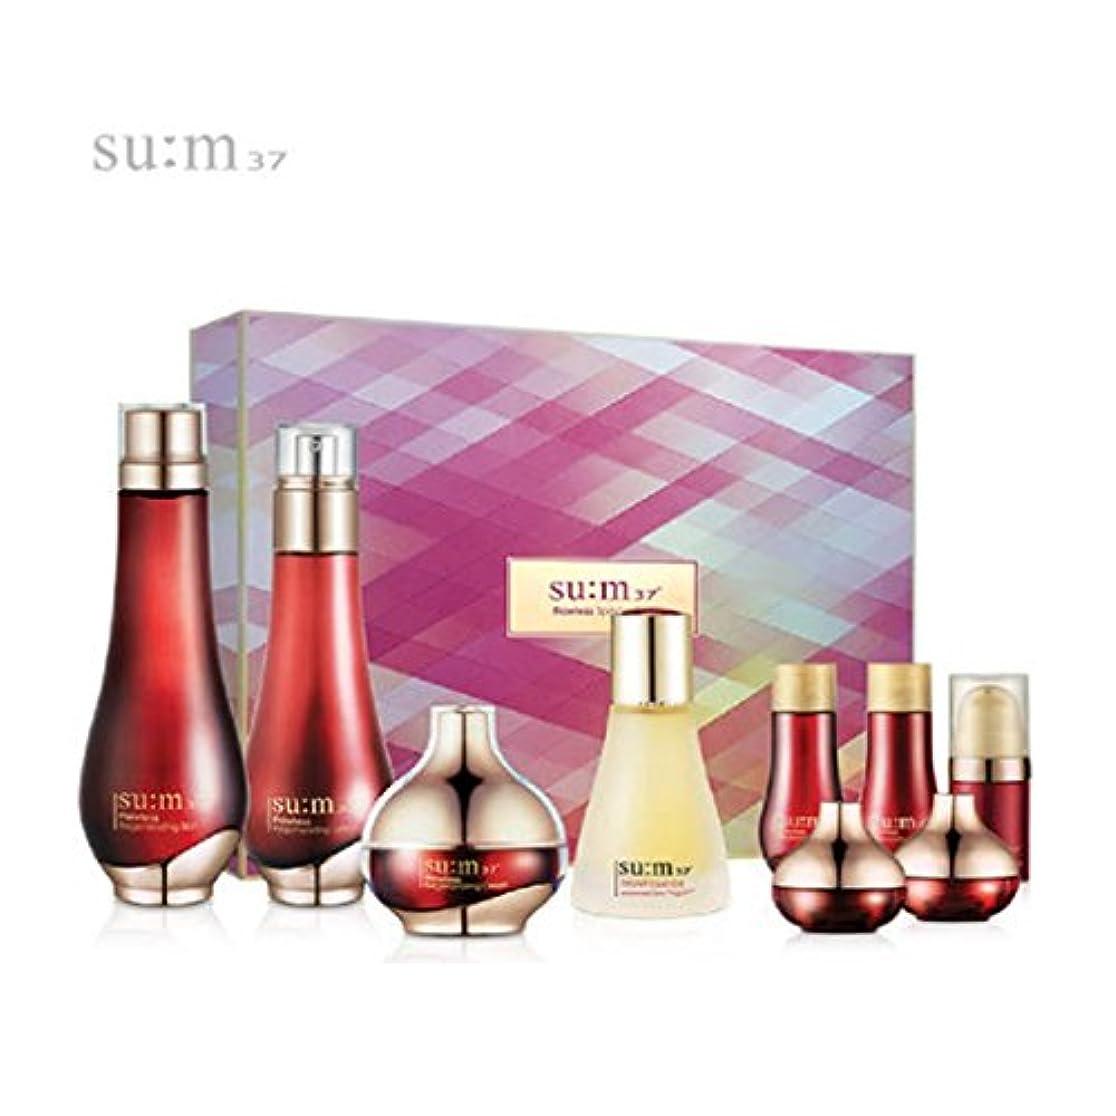 財産バラバラにする風変わりな[su:m37/スム37°]Flawless 3pcs Special Limited Skincare Set/フローレス3種のスキンケアセット + [Sample Gift](海外直送品)